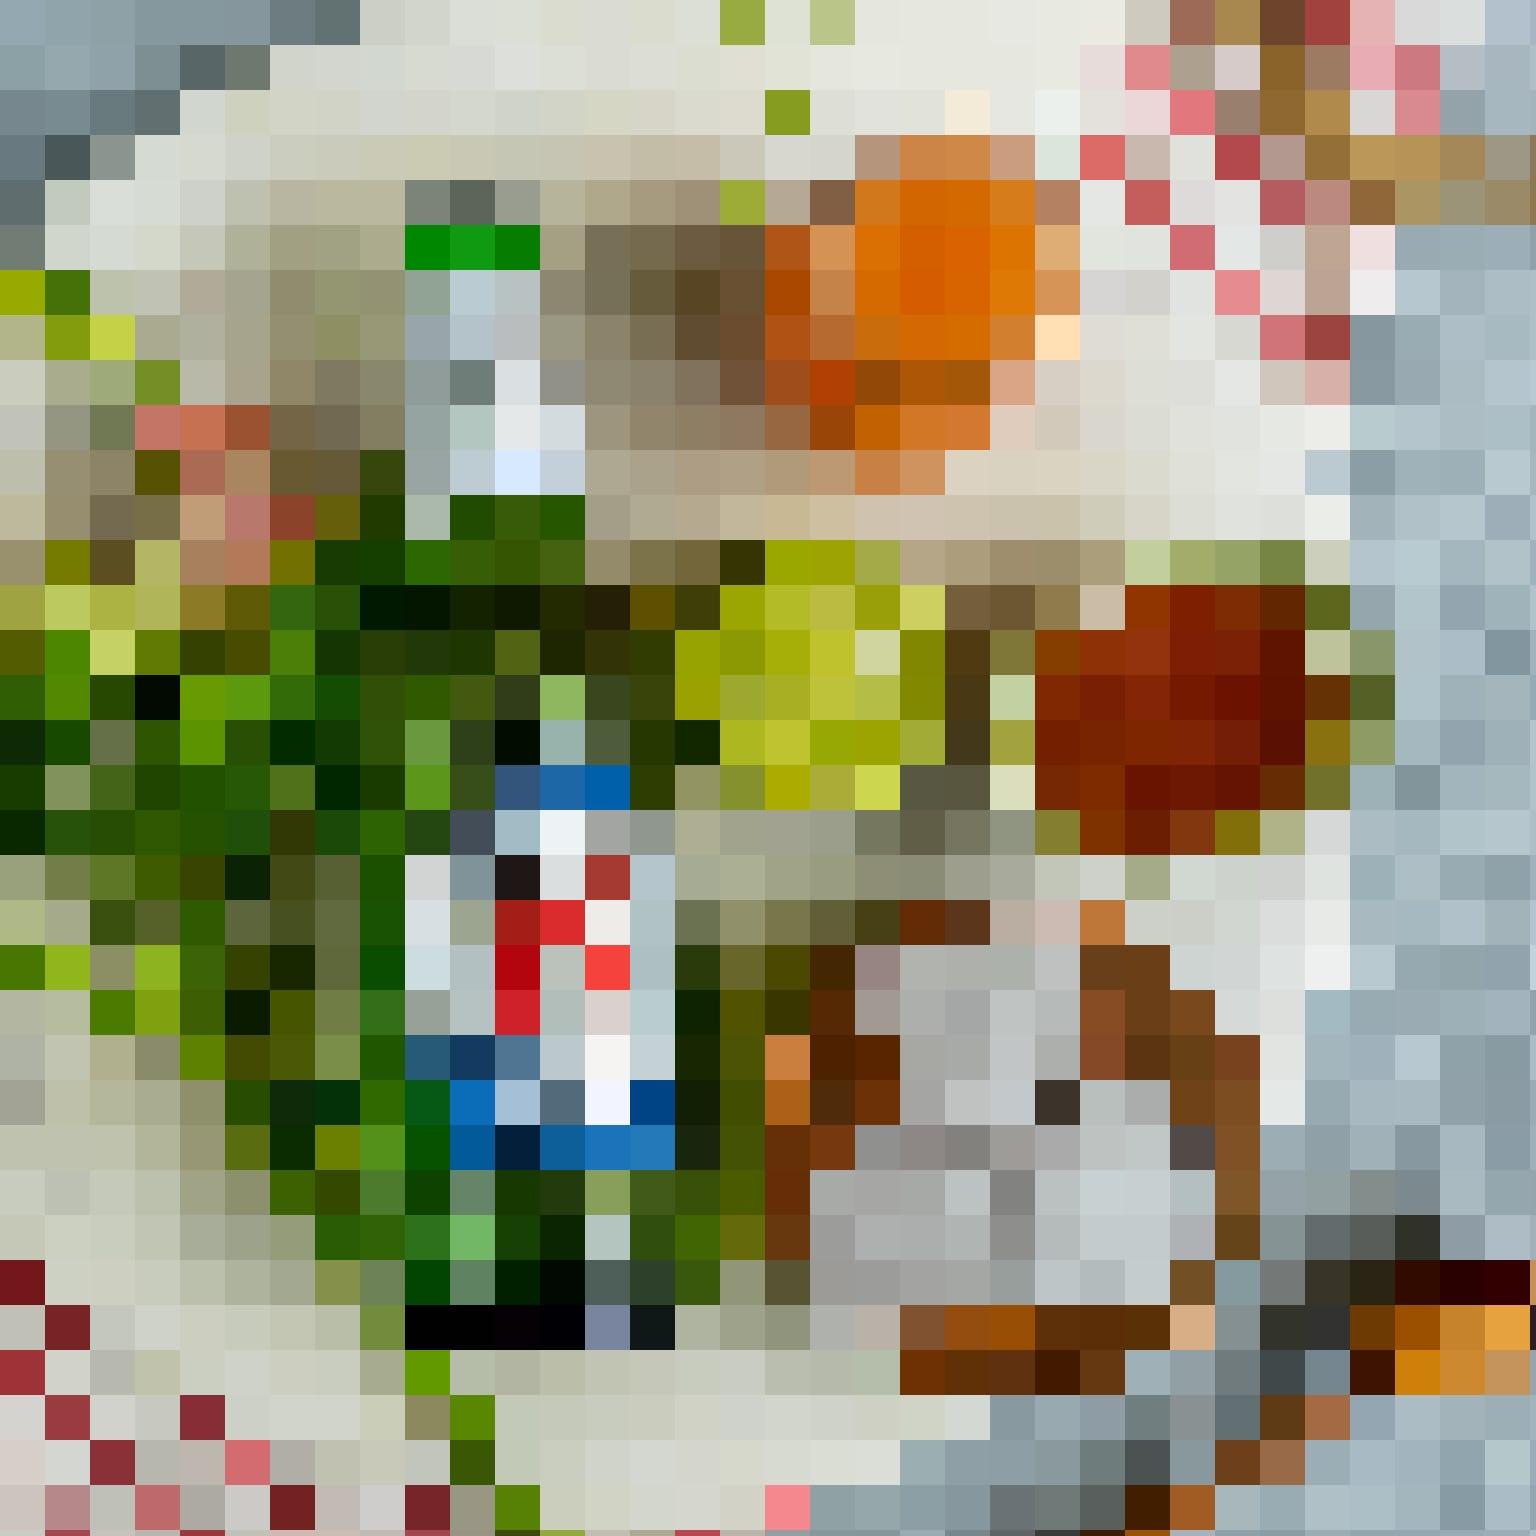 Il ne se que compose de quatre ingrédients : des glaçons, du jus de pamplemousse,  du miel  et de la bière Feldschlösschen sans alcool.